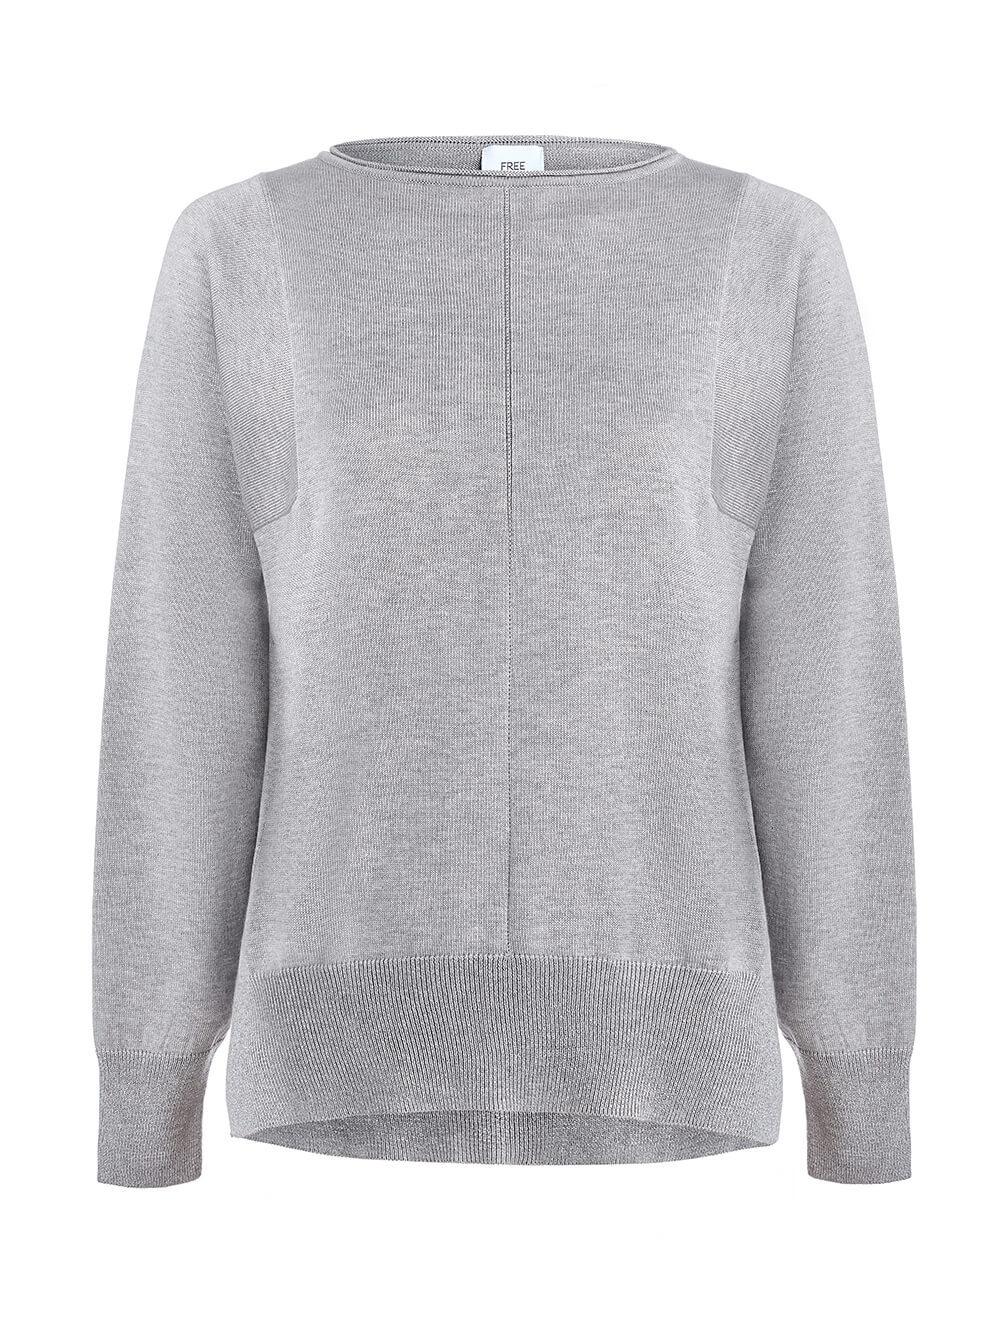 Женский джемпер цвета серый меланж из шелка и кашемира - фото 1